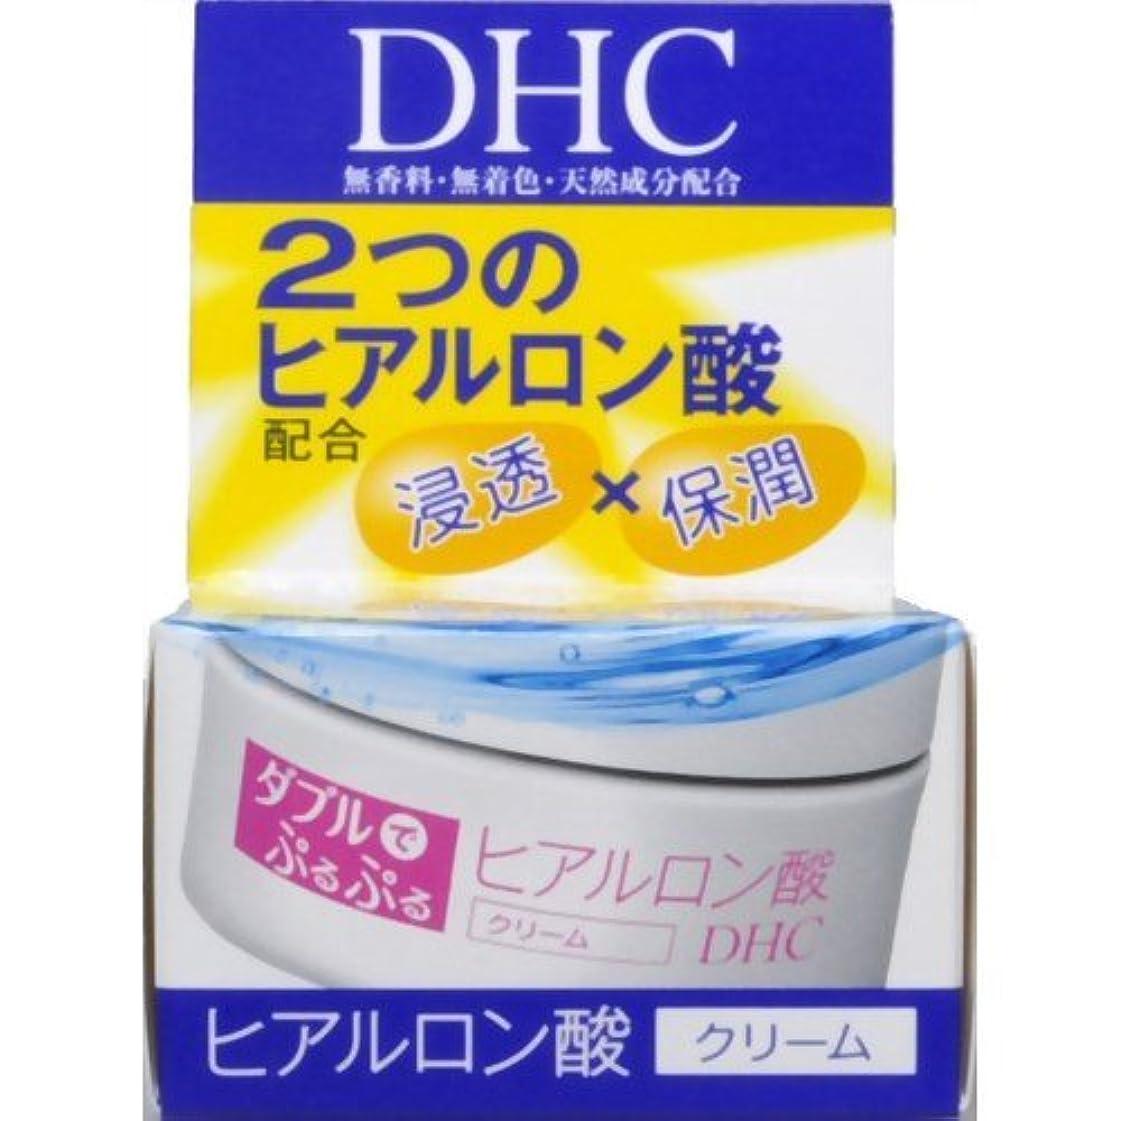 検査官車両表面的なDHC ダブルモイスチュアクリーム 50g